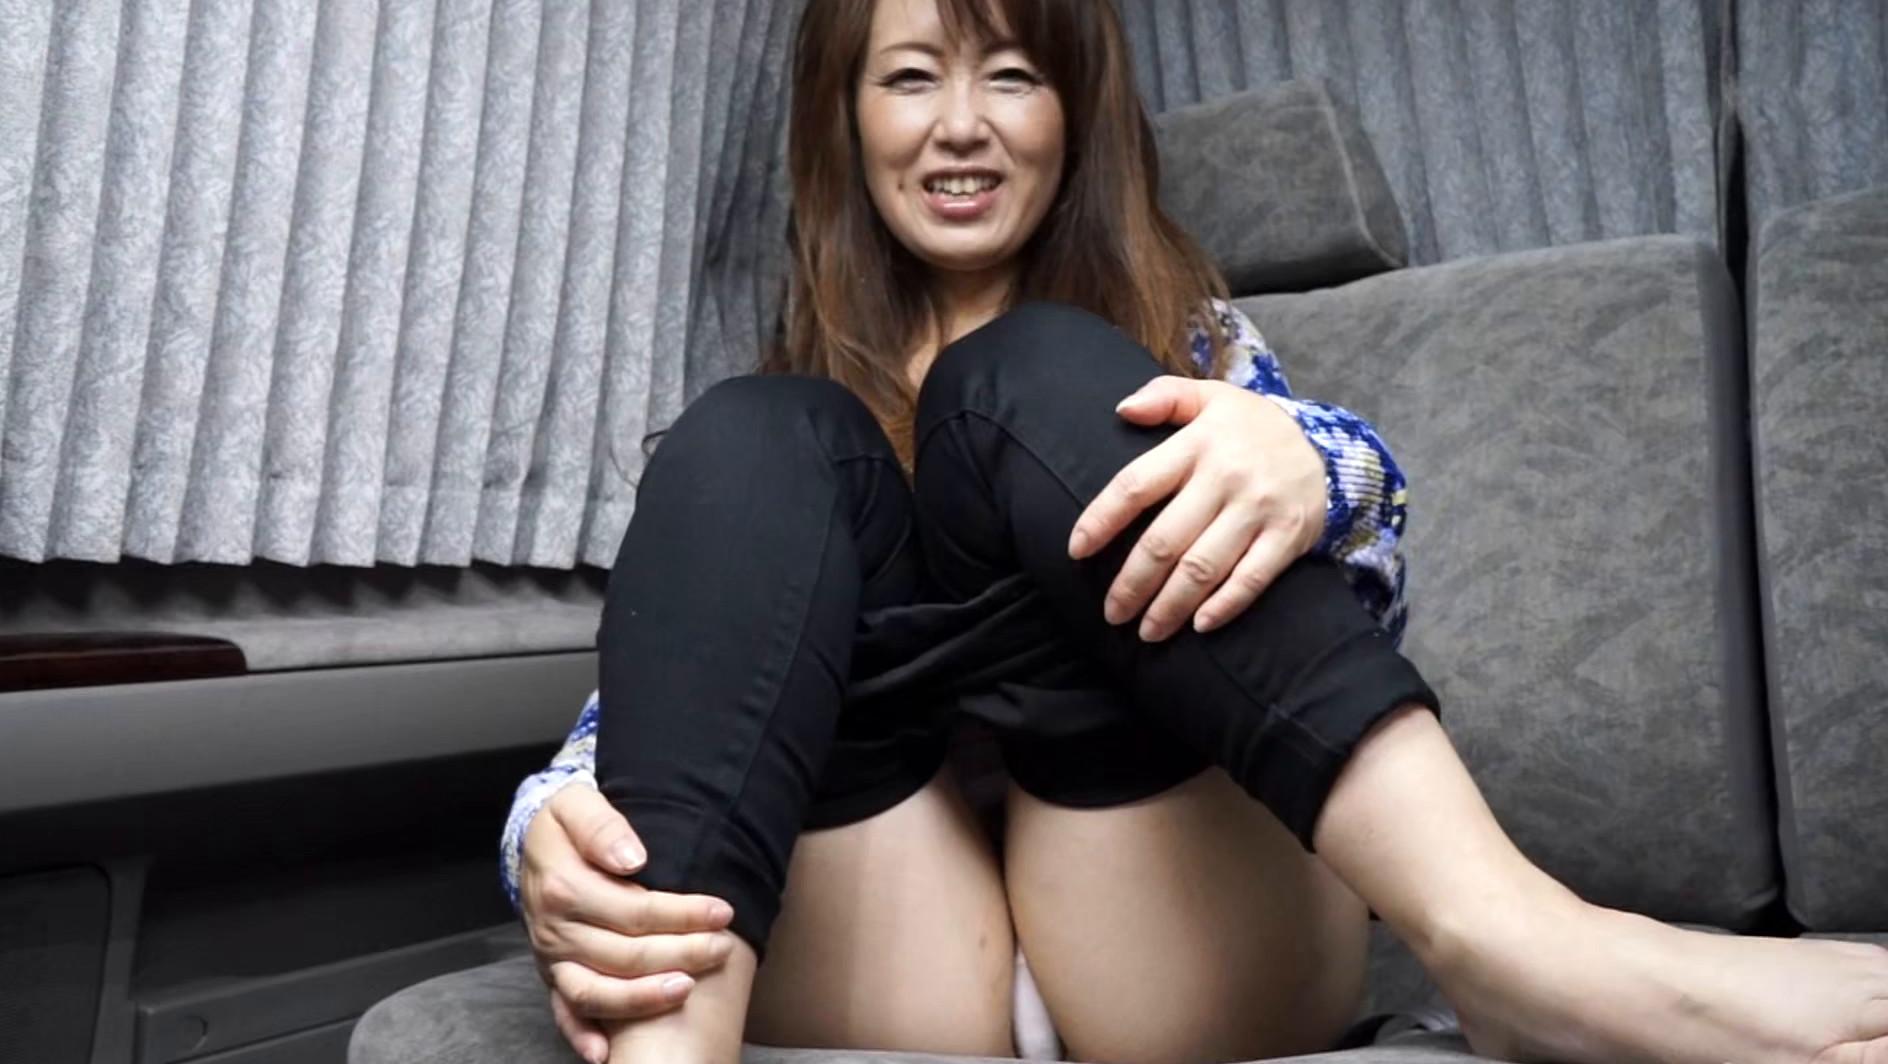 【四十路】素人熟妻インタビュー 143人目,のサンプル画像2